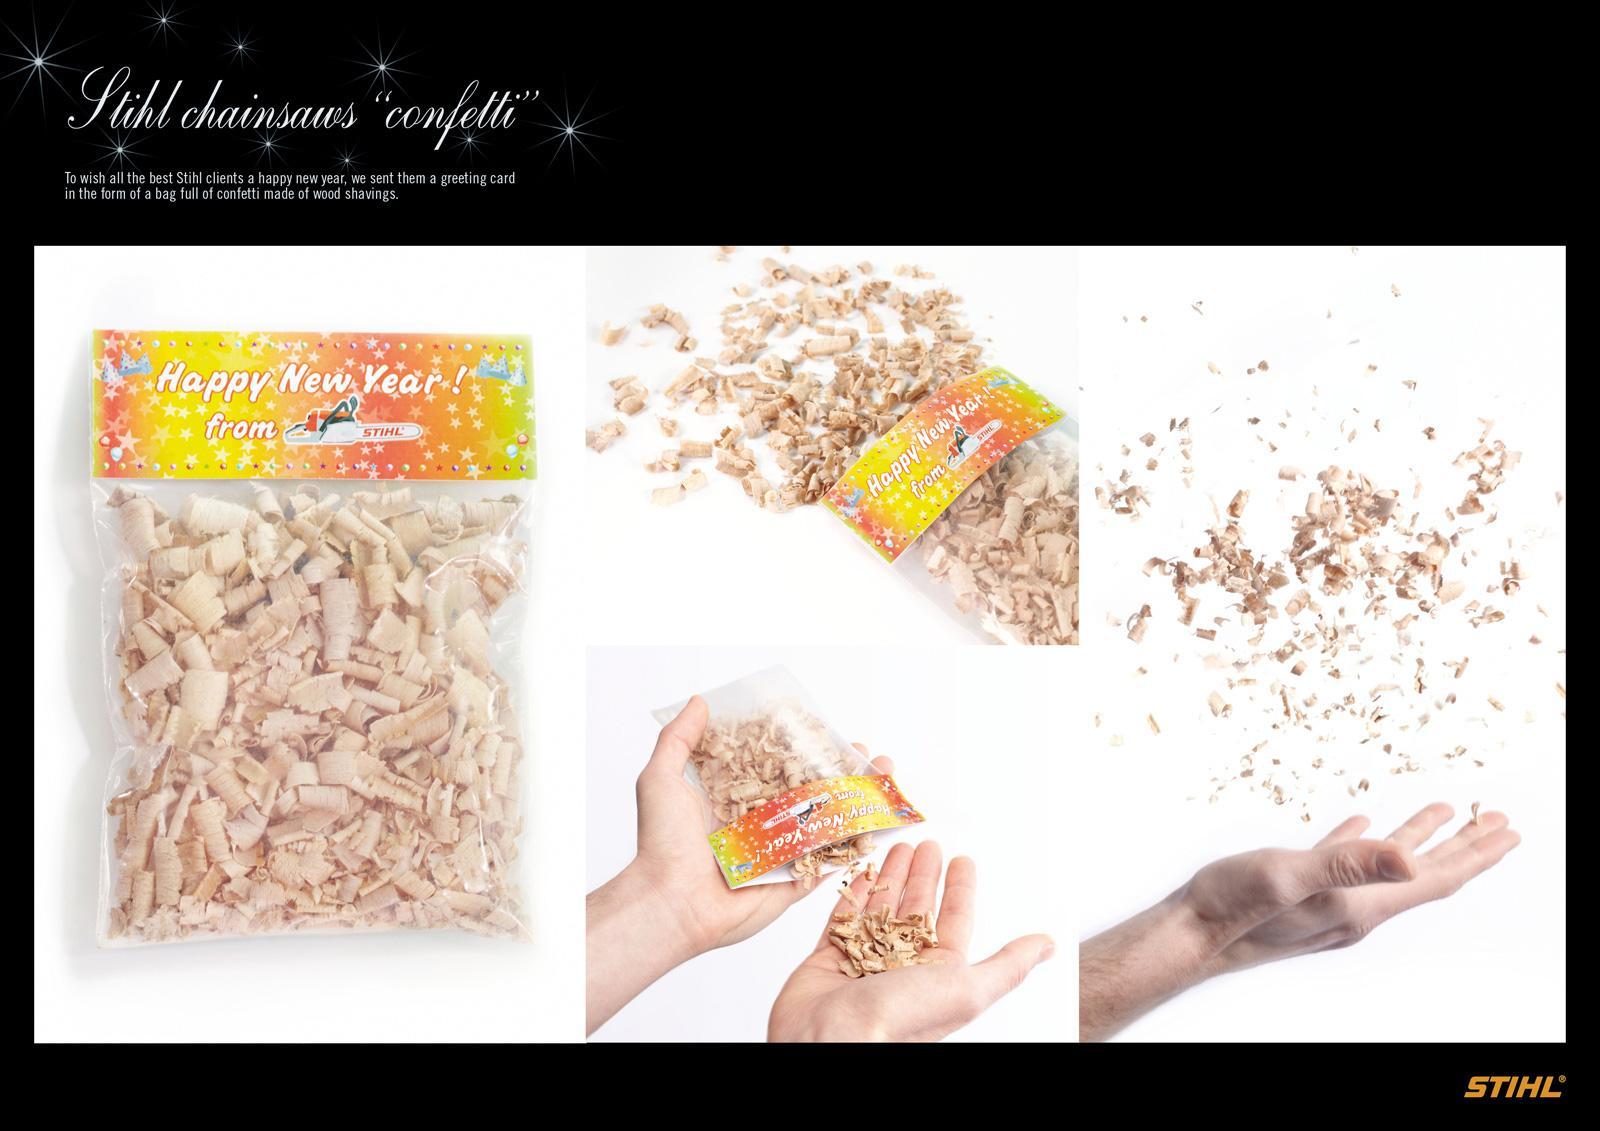 Stihl Direct Ad -  Confetti